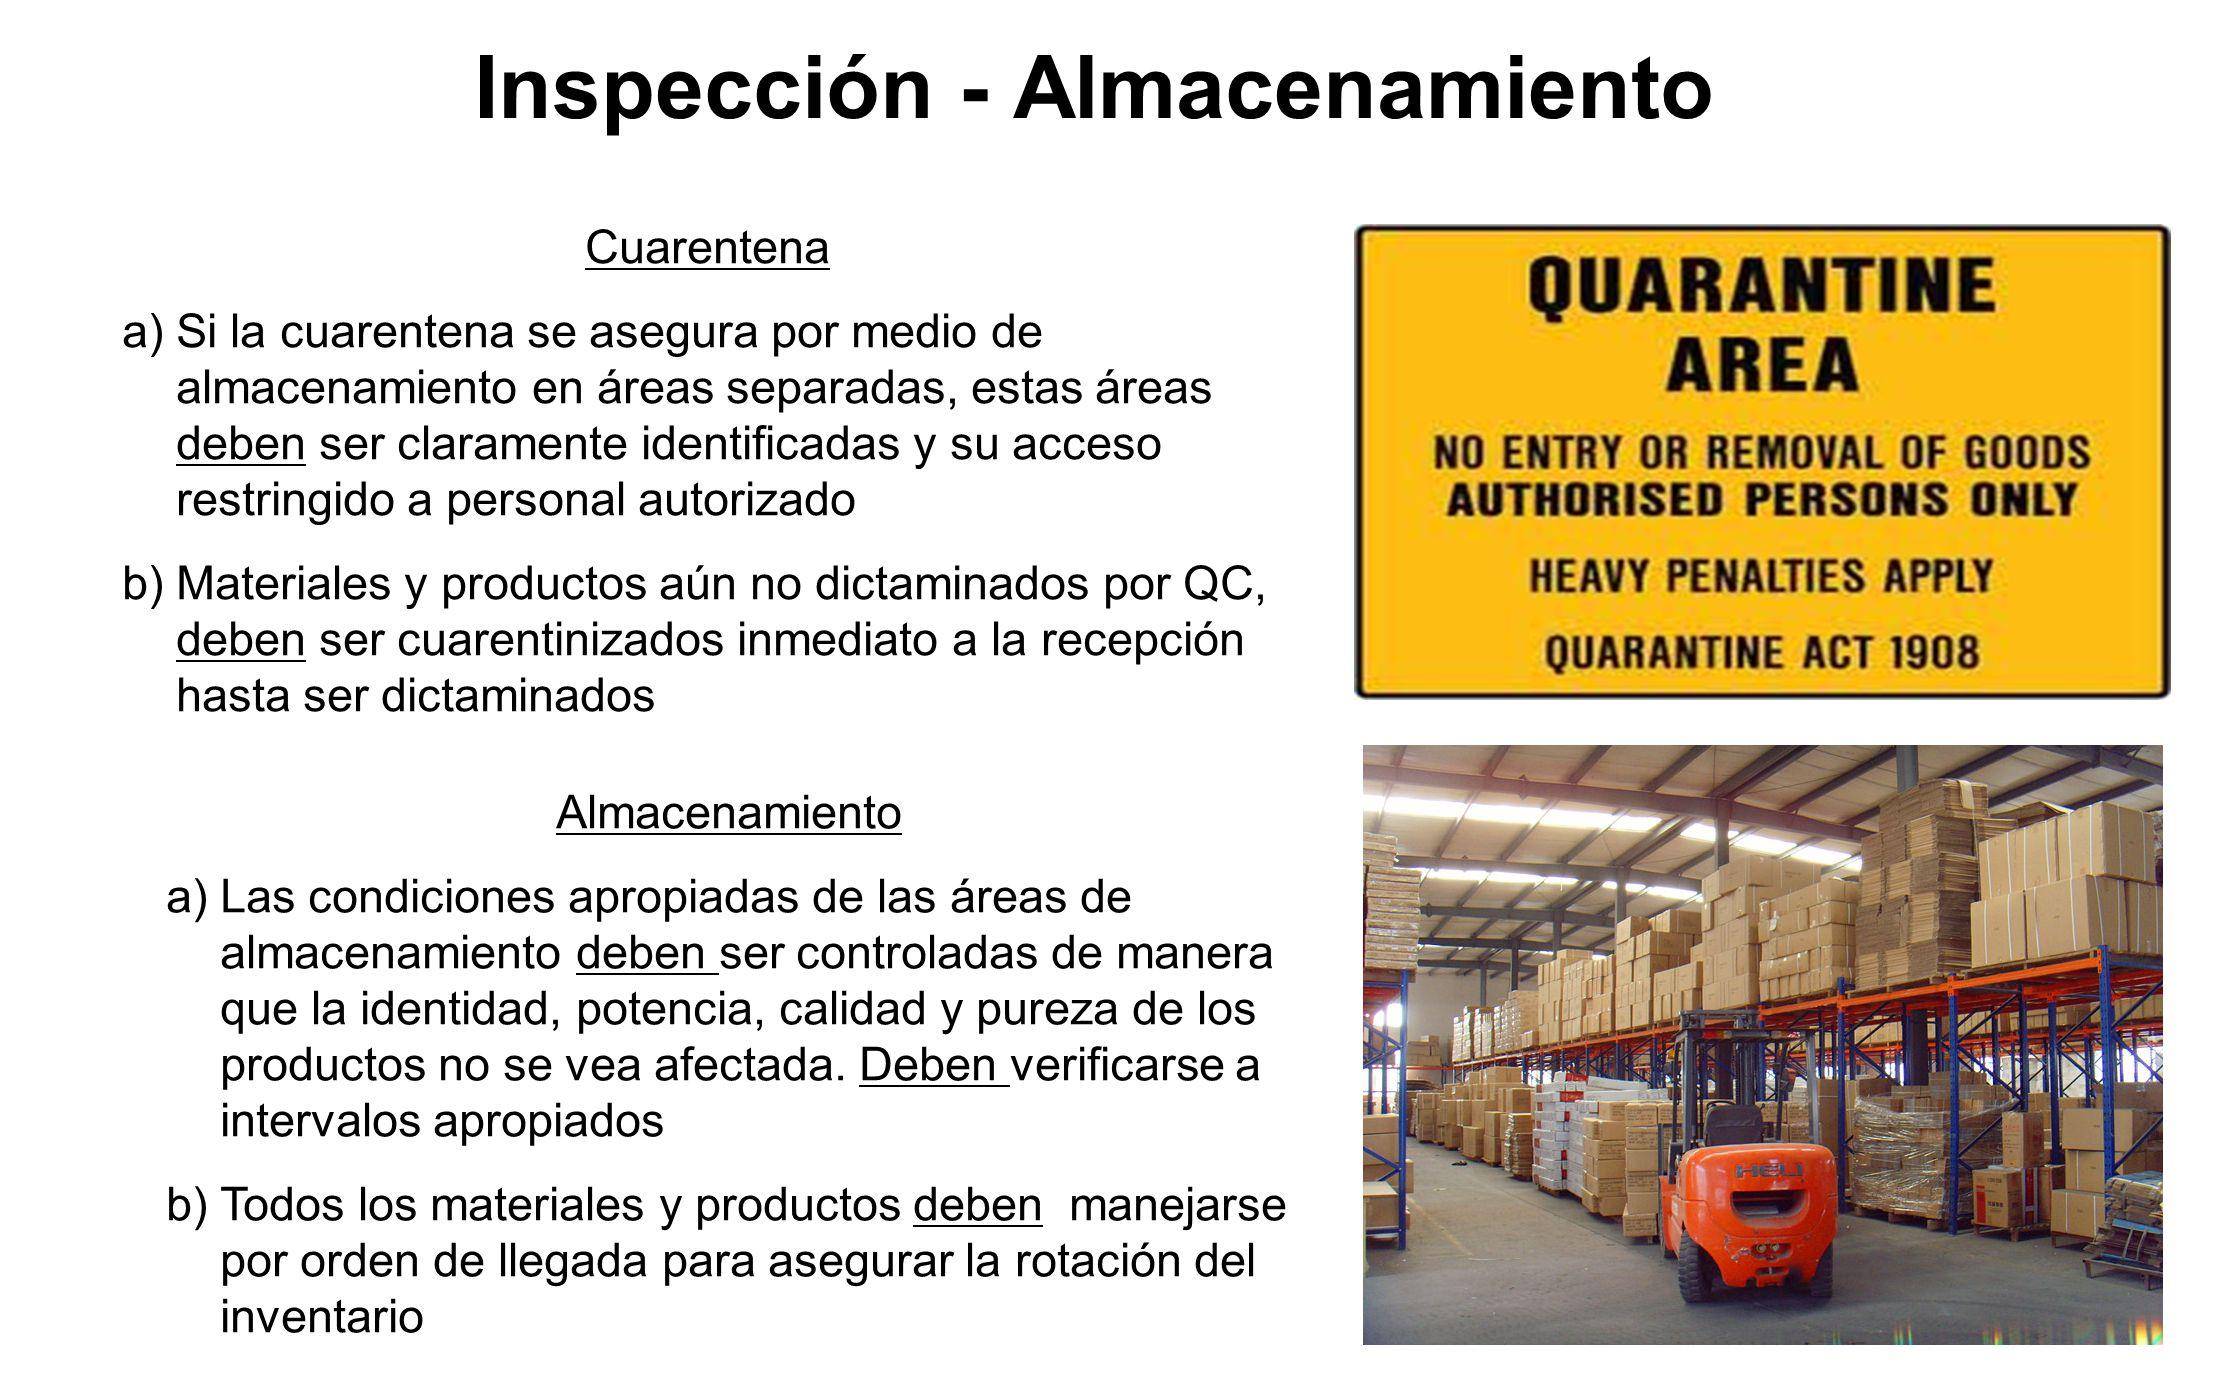 Cuarentena a)Si la cuarentena se asegura por medio de almacenamiento en áreas separadas, estas áreas deben ser claramente identificadas y su acceso re